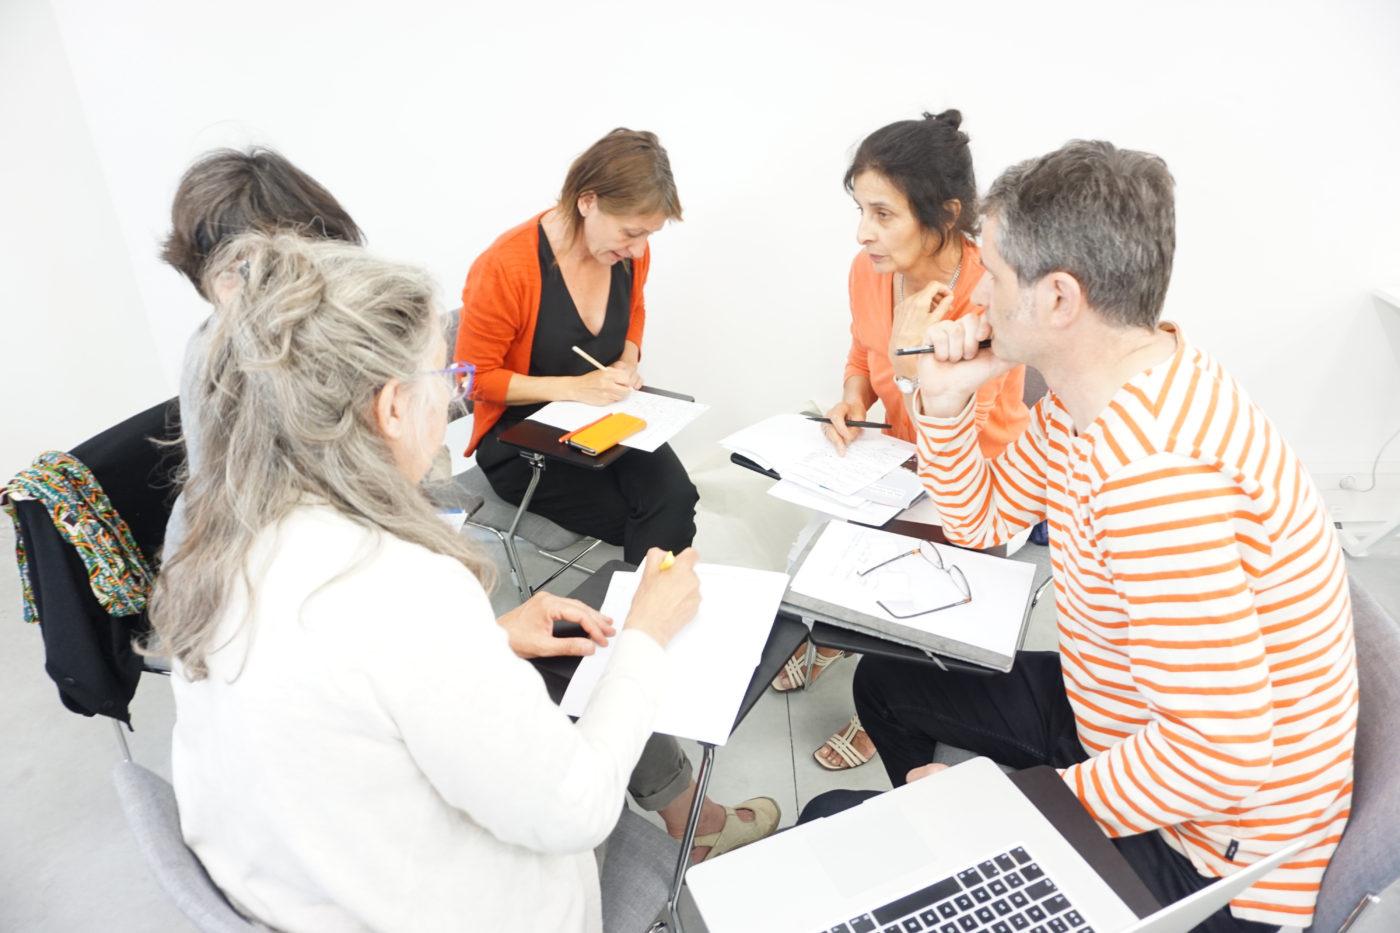 Atelier #4 L'amélioration des pratiques professionnelles au sein de la filière des arts visuels — Pôle Arts Visuels Pays de la Loire